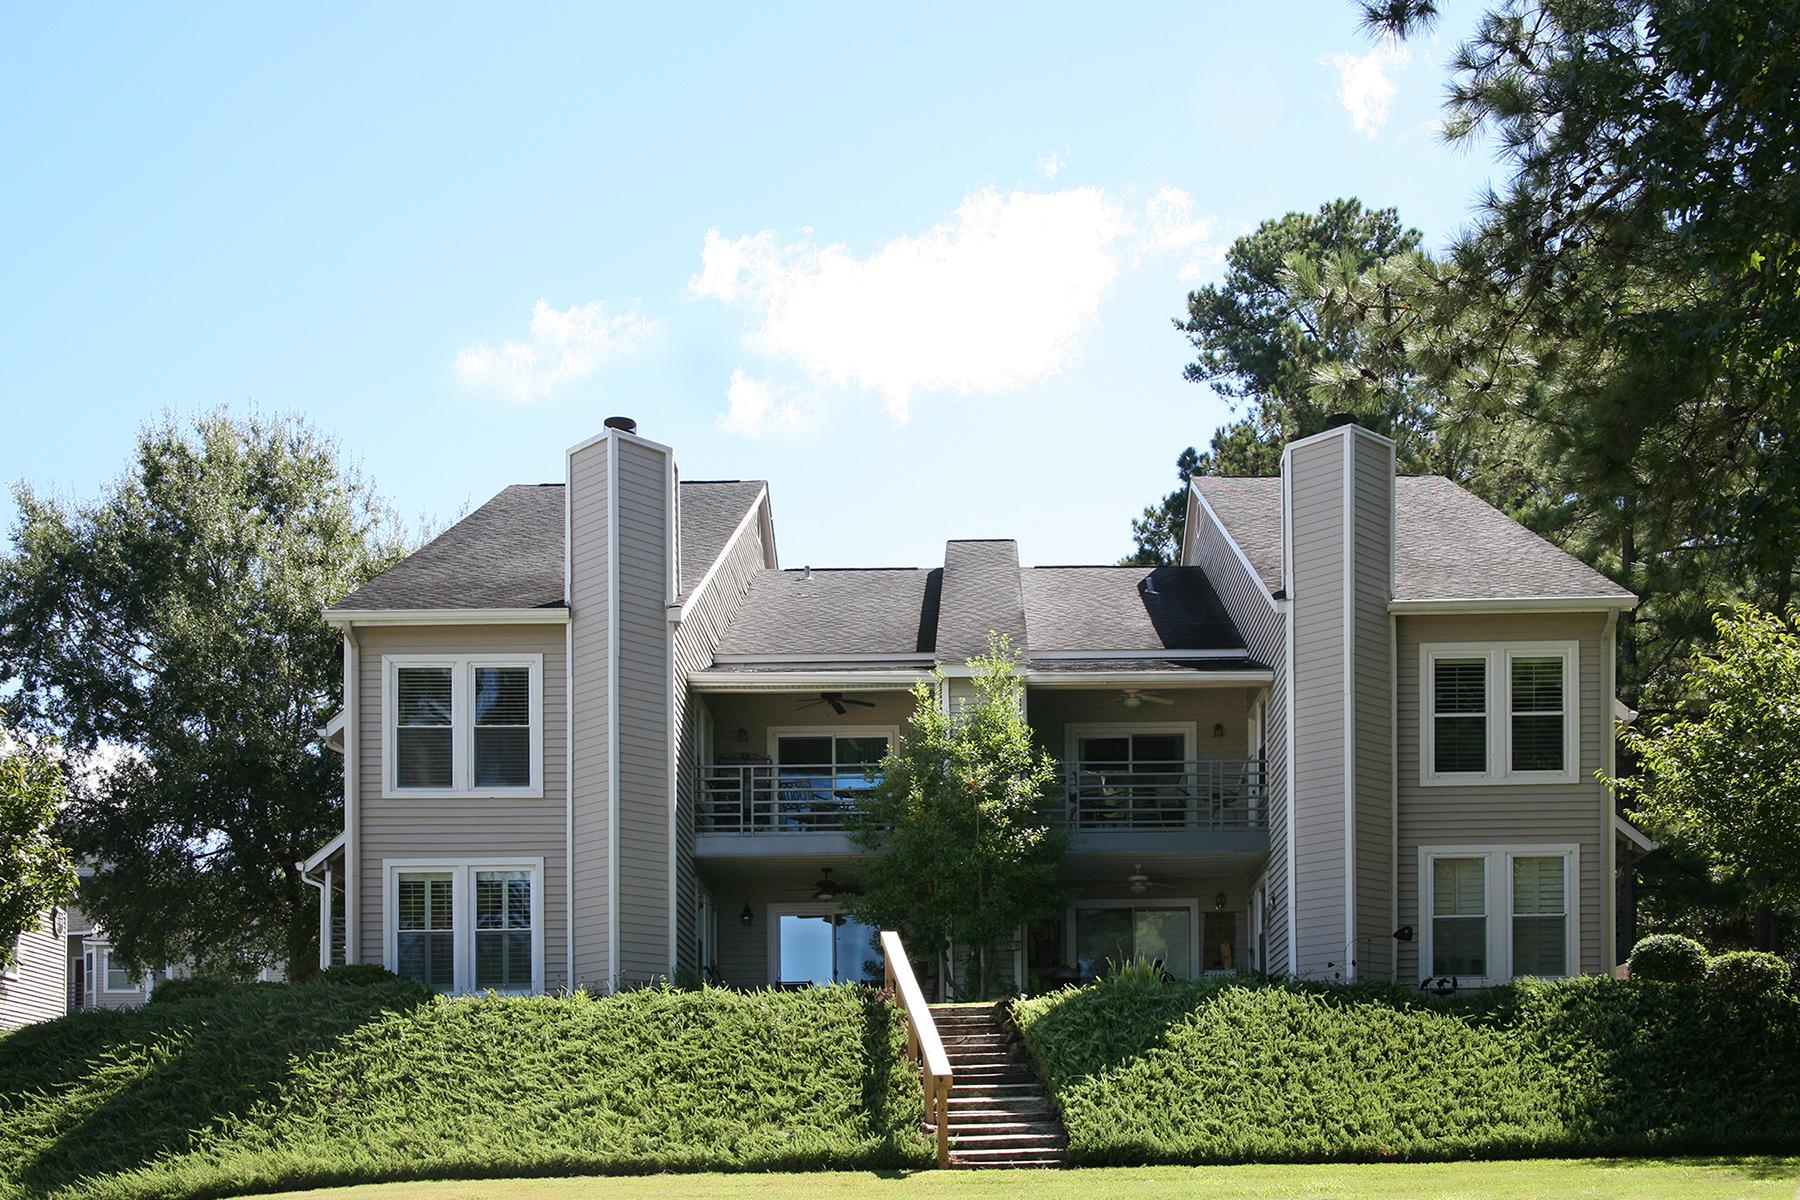 コンドミニアム のために 売買 アット Lakeview Living 333 Eastside Drive Unit# 75 Fortson, ジョージア, 31808 アメリカ合衆国